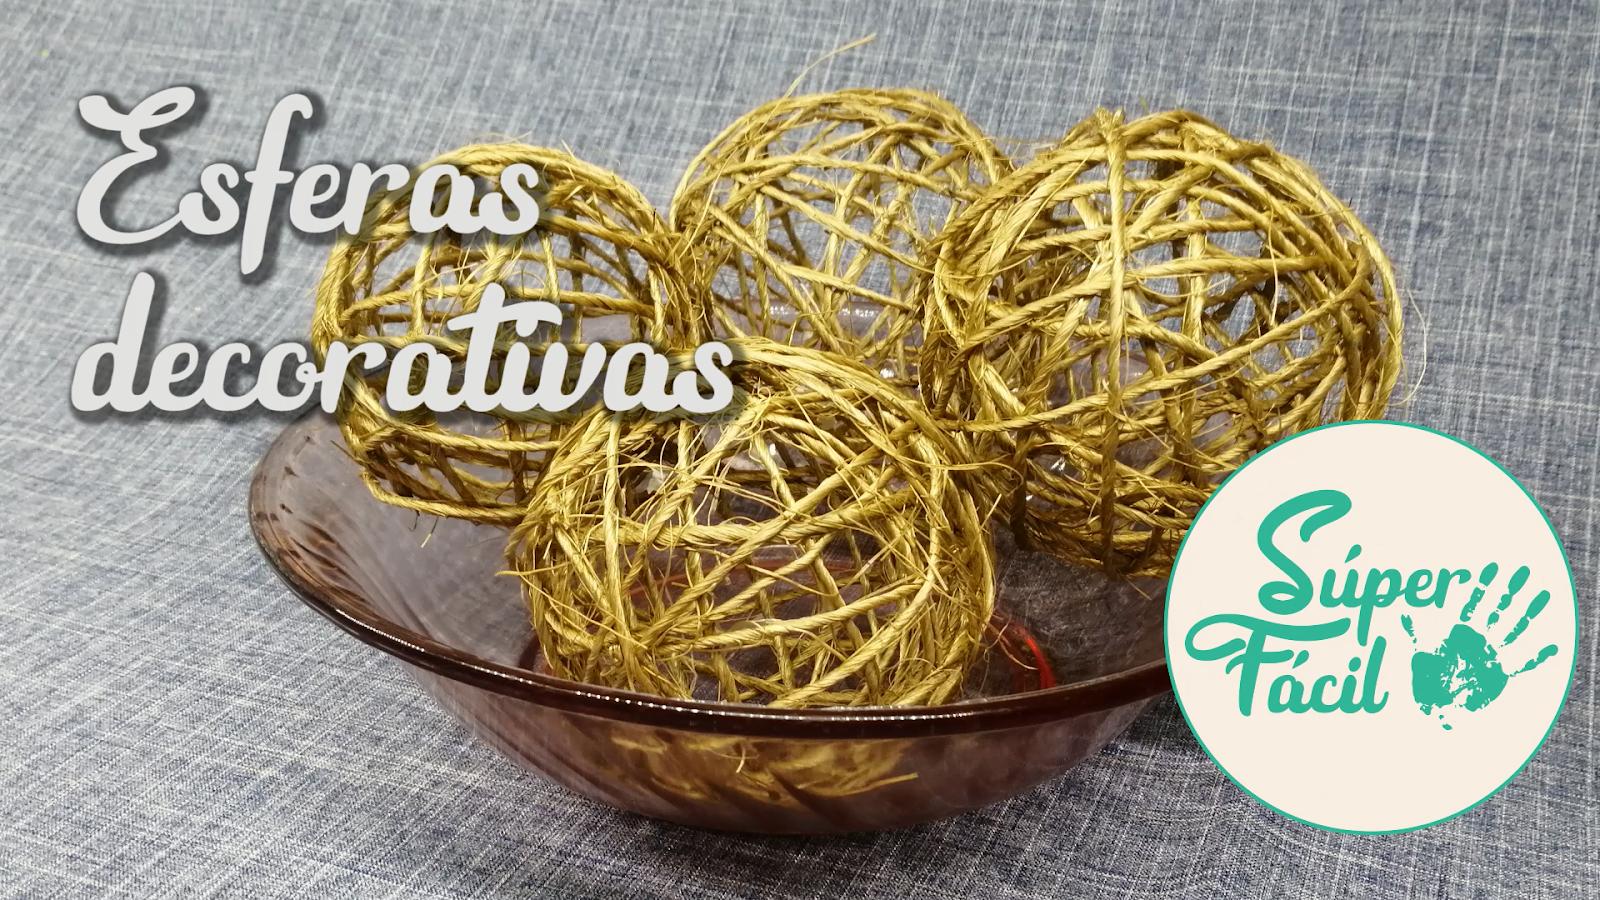 Esferas decorativas hechas con mecate / Ideas en 5 minutos